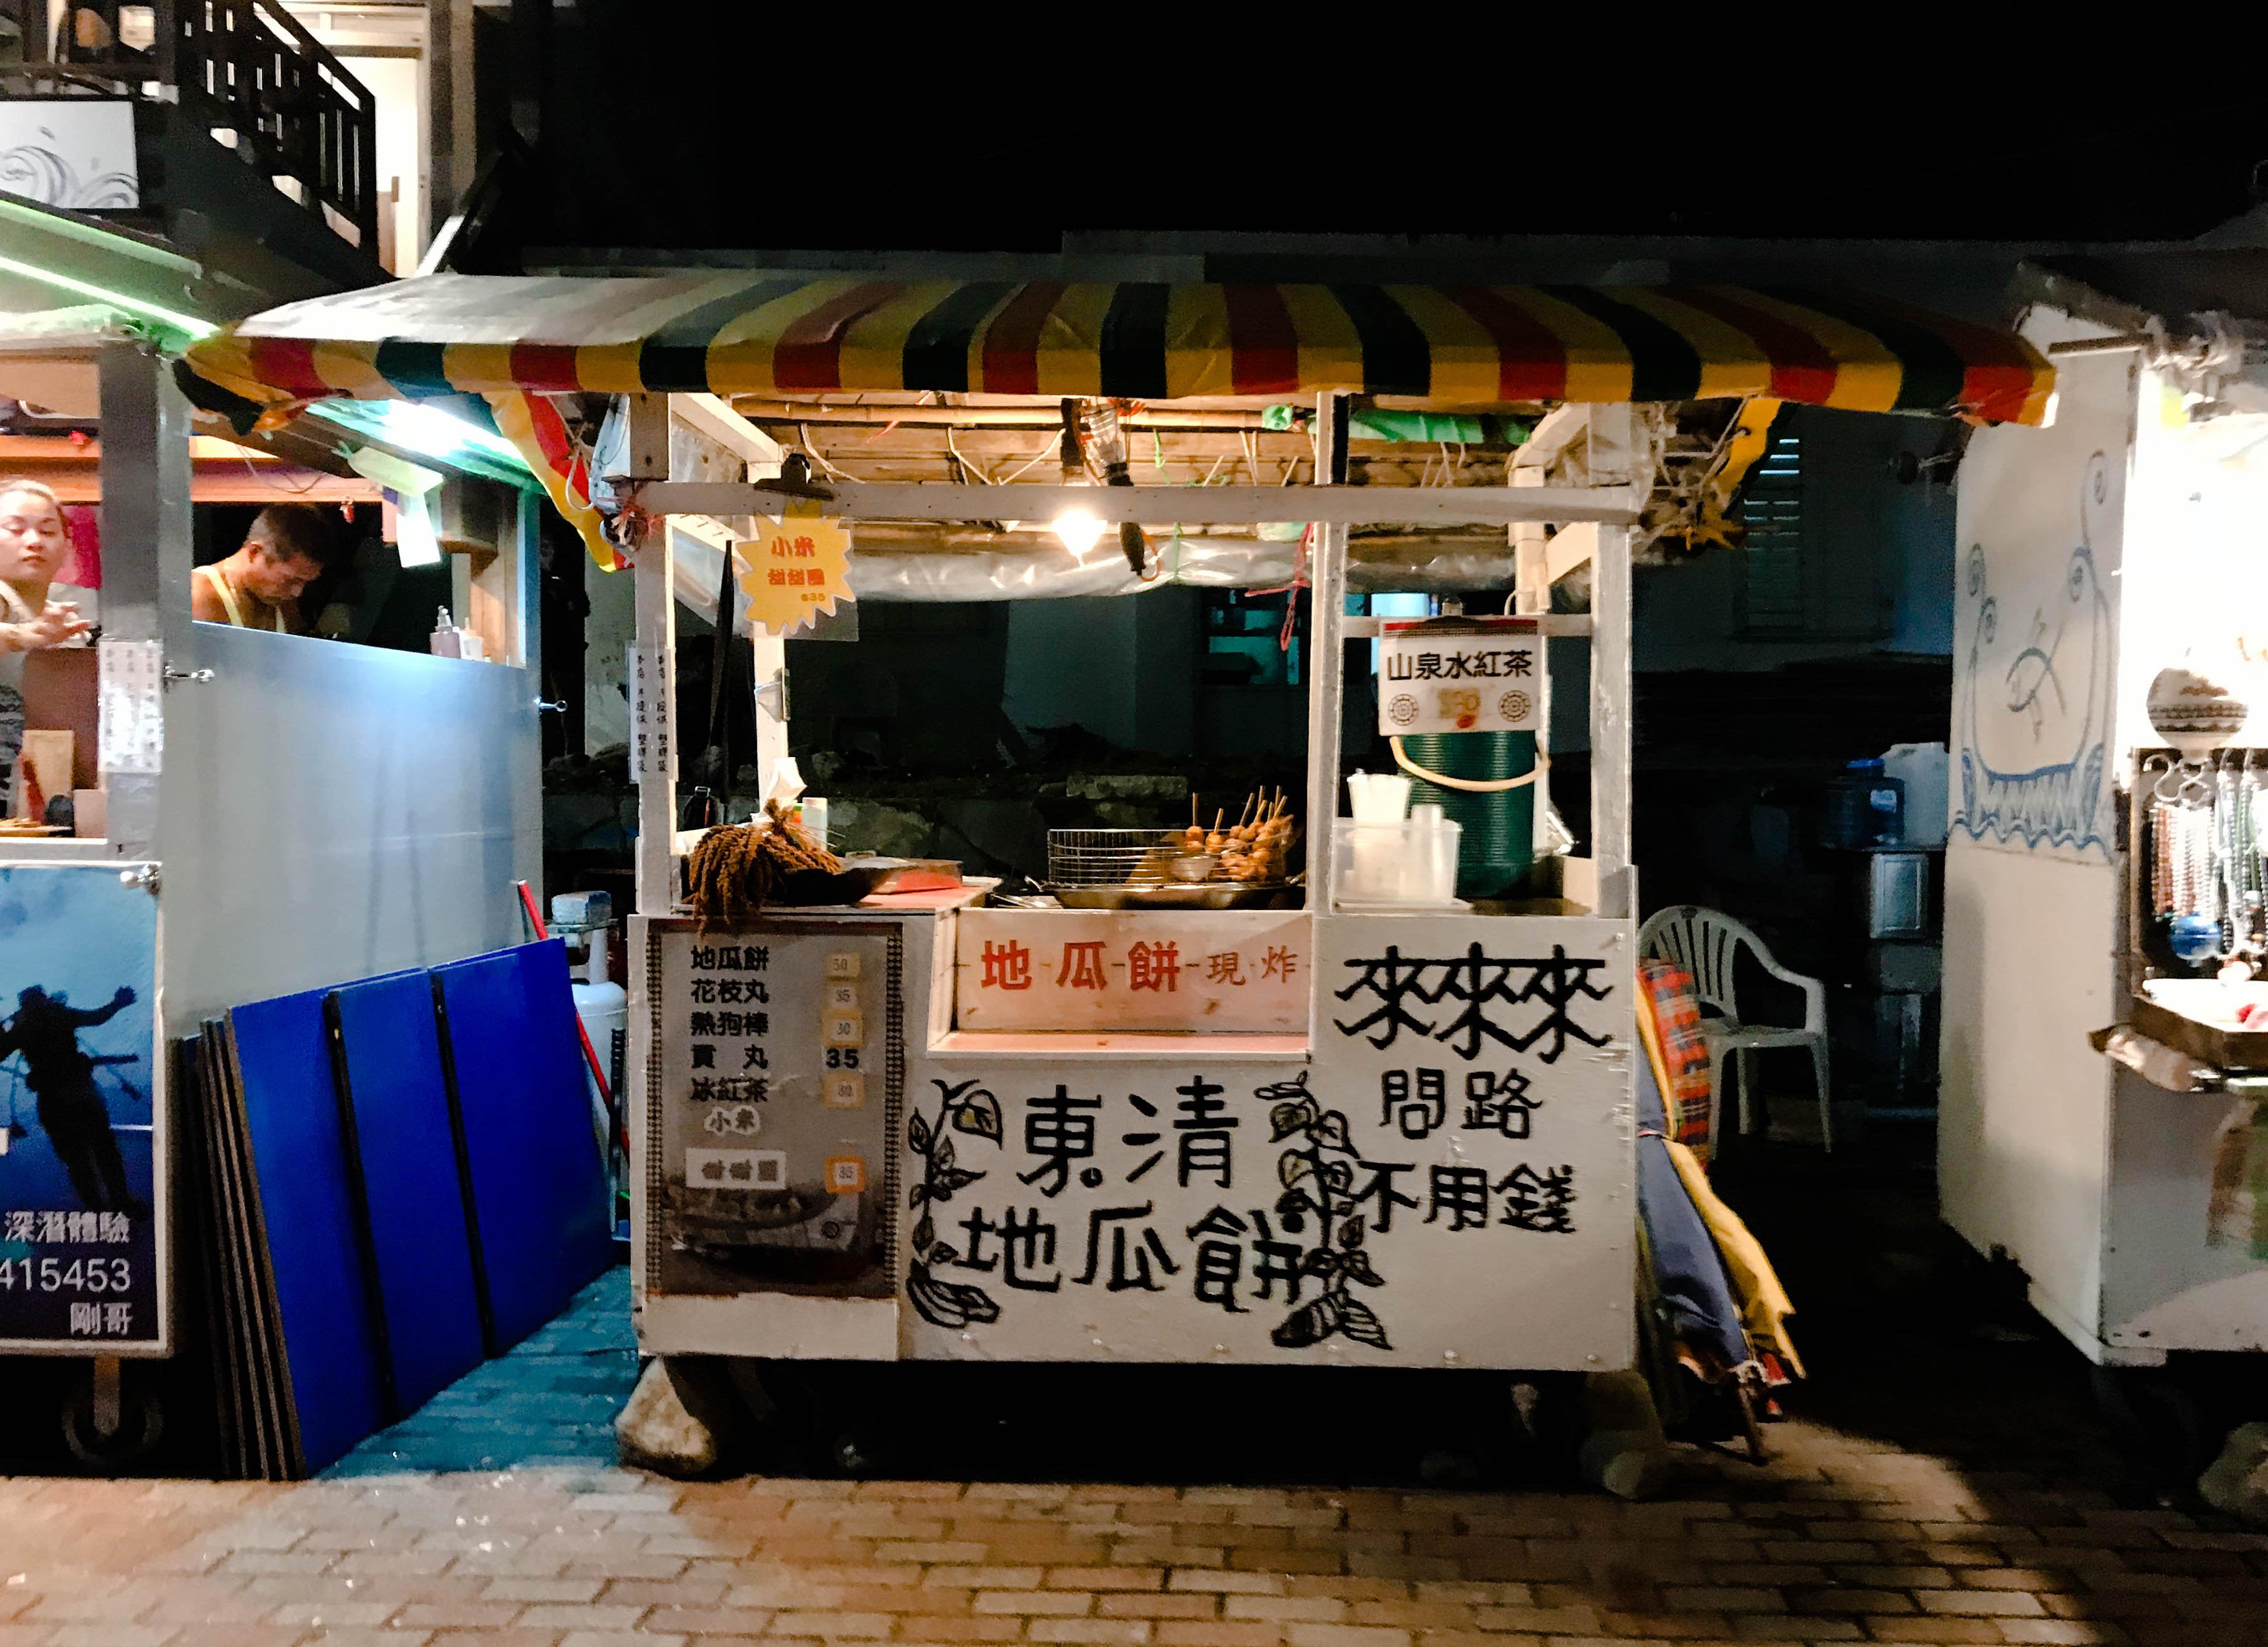 位於東清夜市的小米甜甜圈